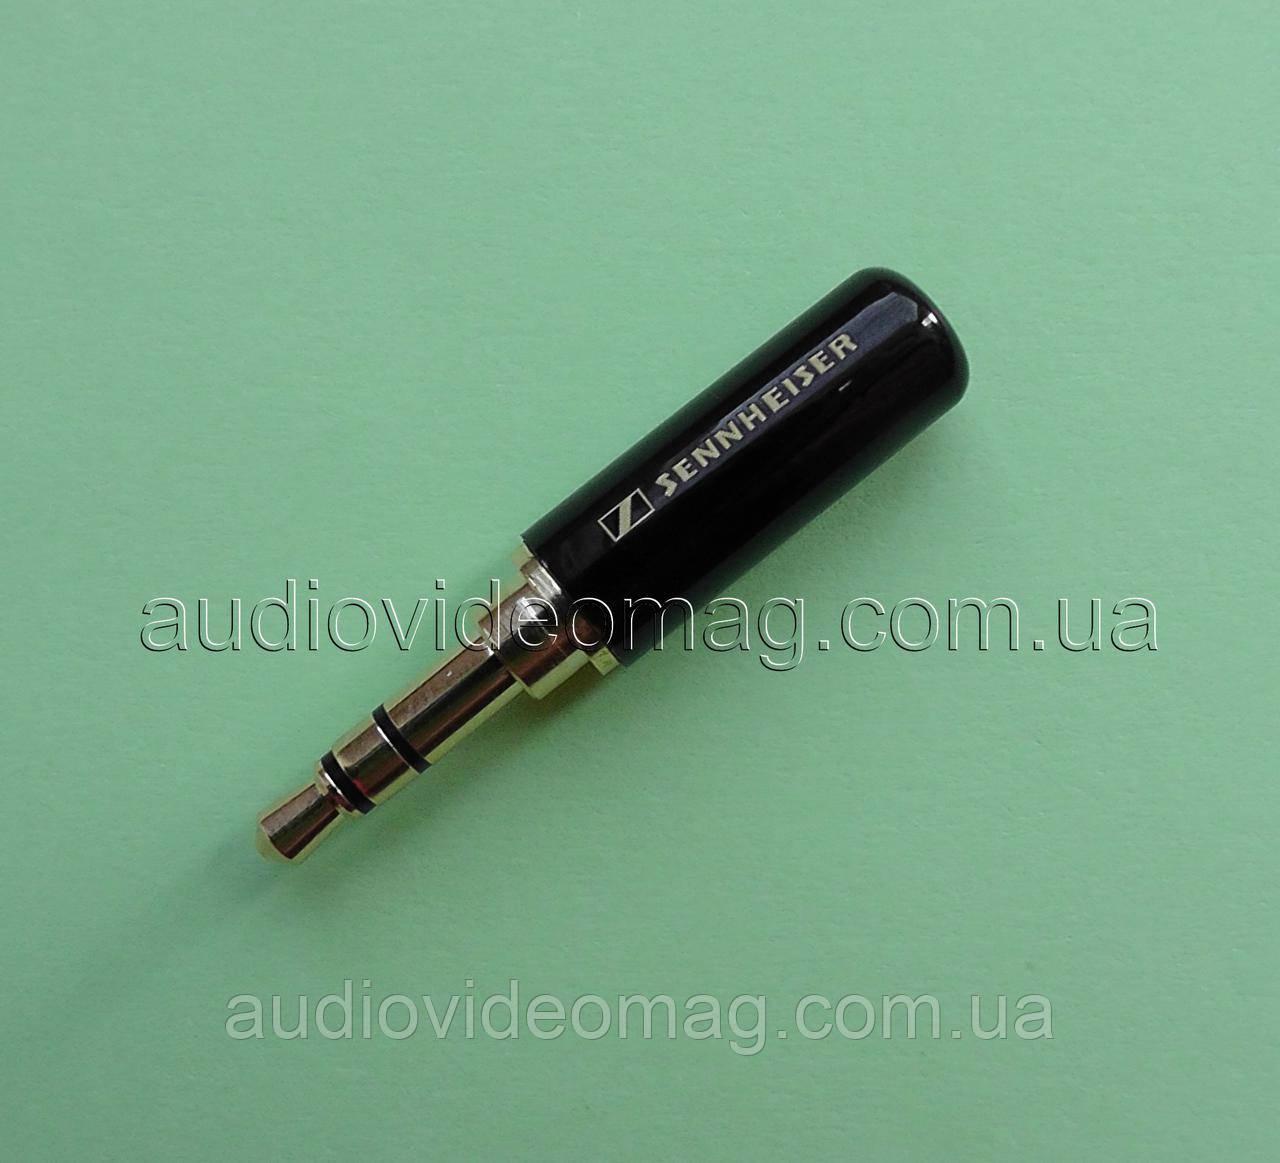 Штекер стерео 3.5 Sennheiser металлический, цвет черный